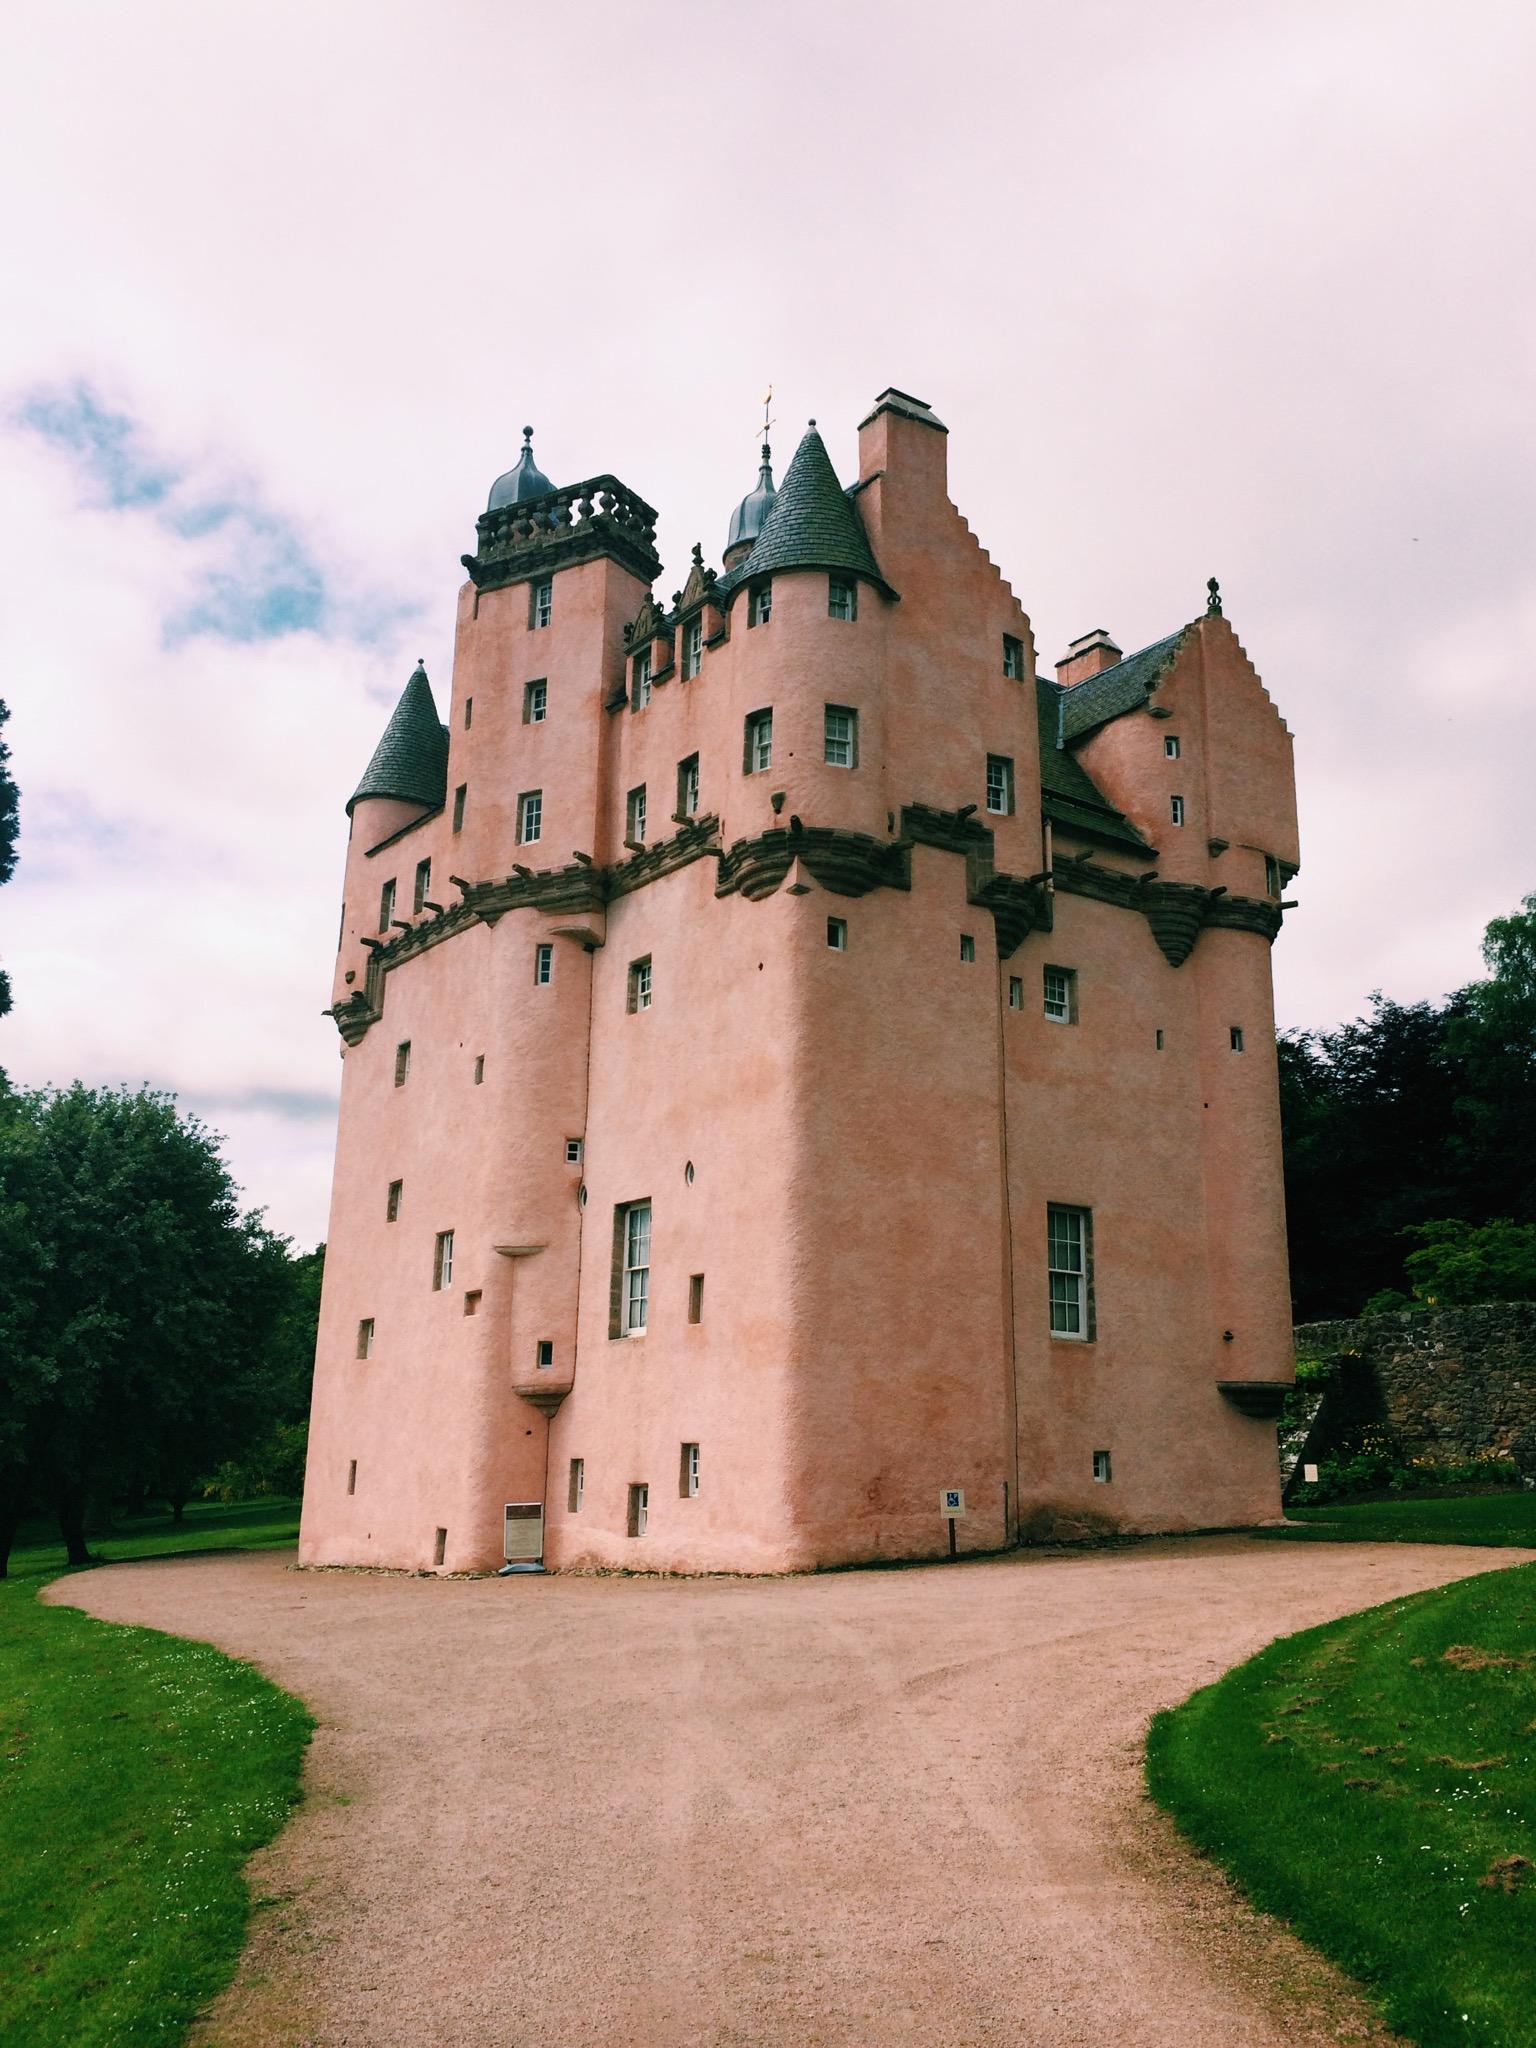 Craigievar Castle, Scotland, Aberdeenshire